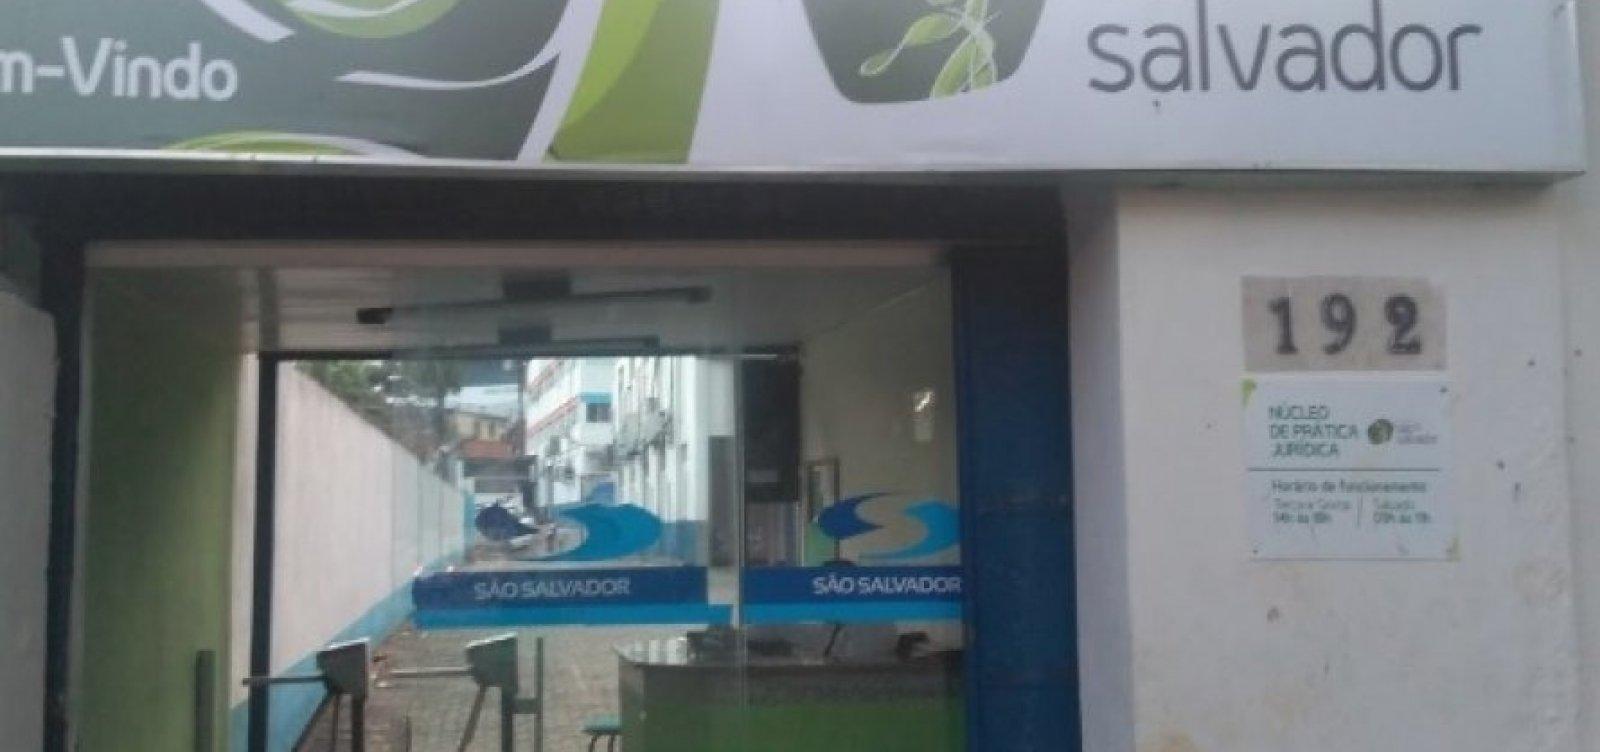 [Sem cumprir nem metade de carga horária exigida, Faculdade São Salvador quer concluir semestre]